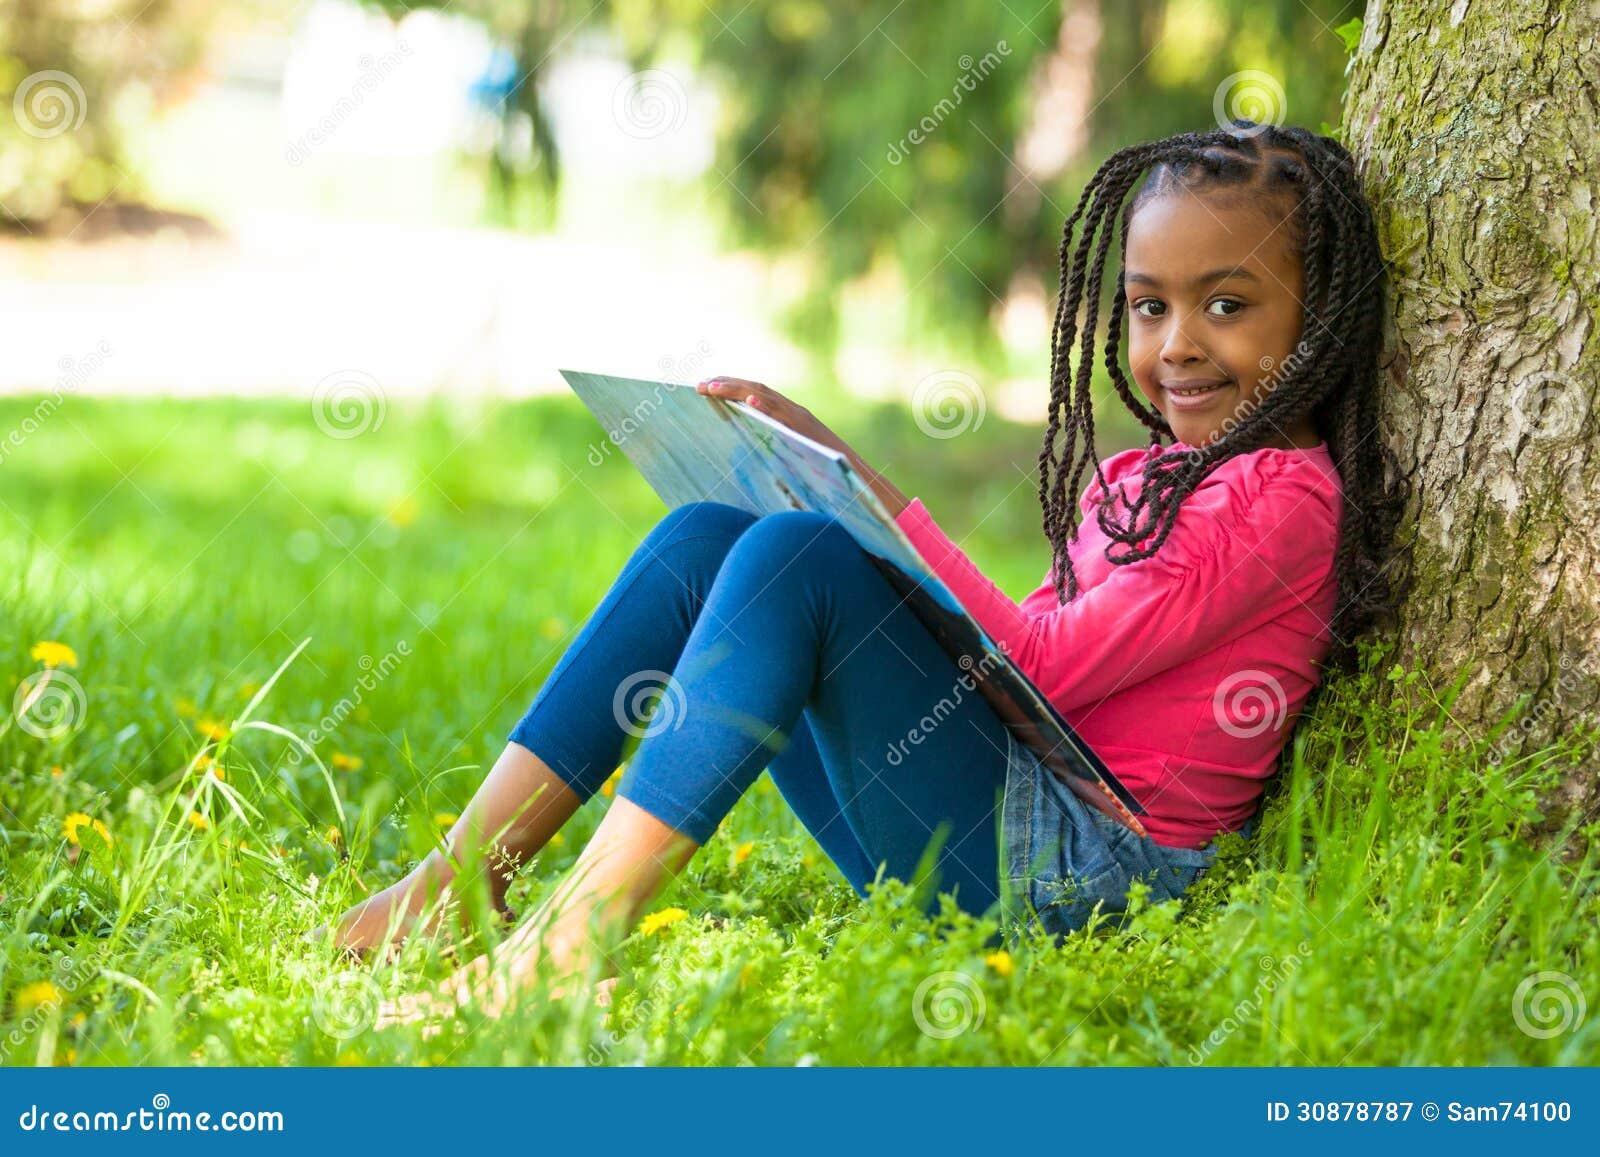 Openluchtportret van een leuk jong zwart meisje die een boe-geroep lezen